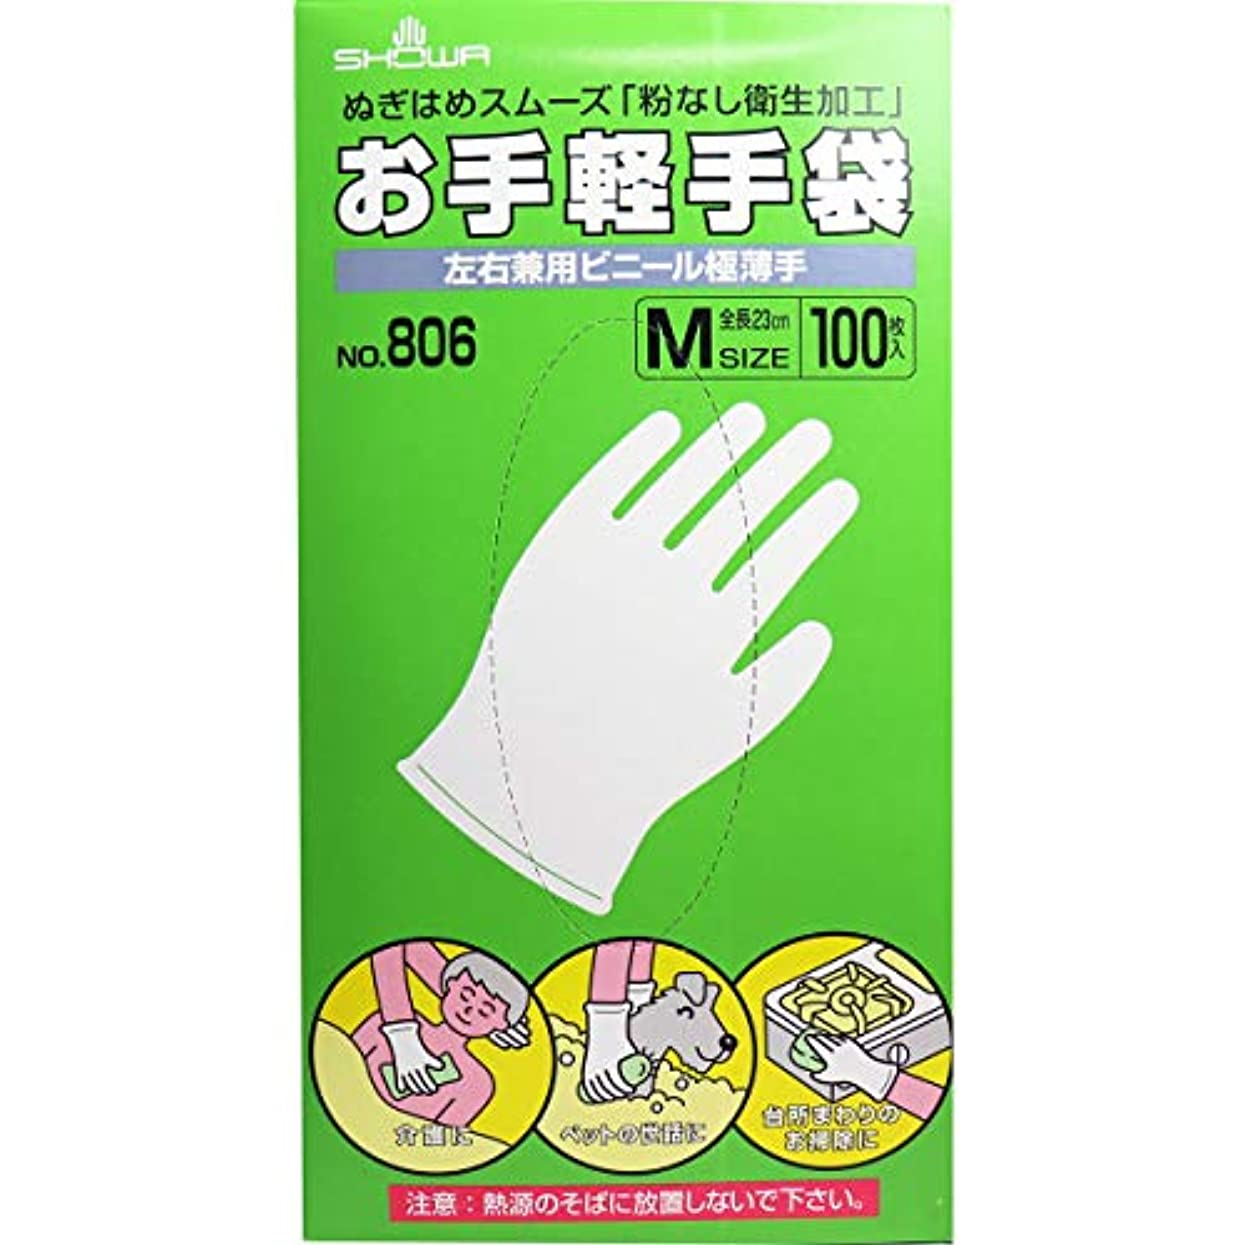 振り向く本質的にマサッチョお手軽手袋 No.806 左右兼用ビニール極薄手 粉なし Mサイズ 100枚入×10個セット